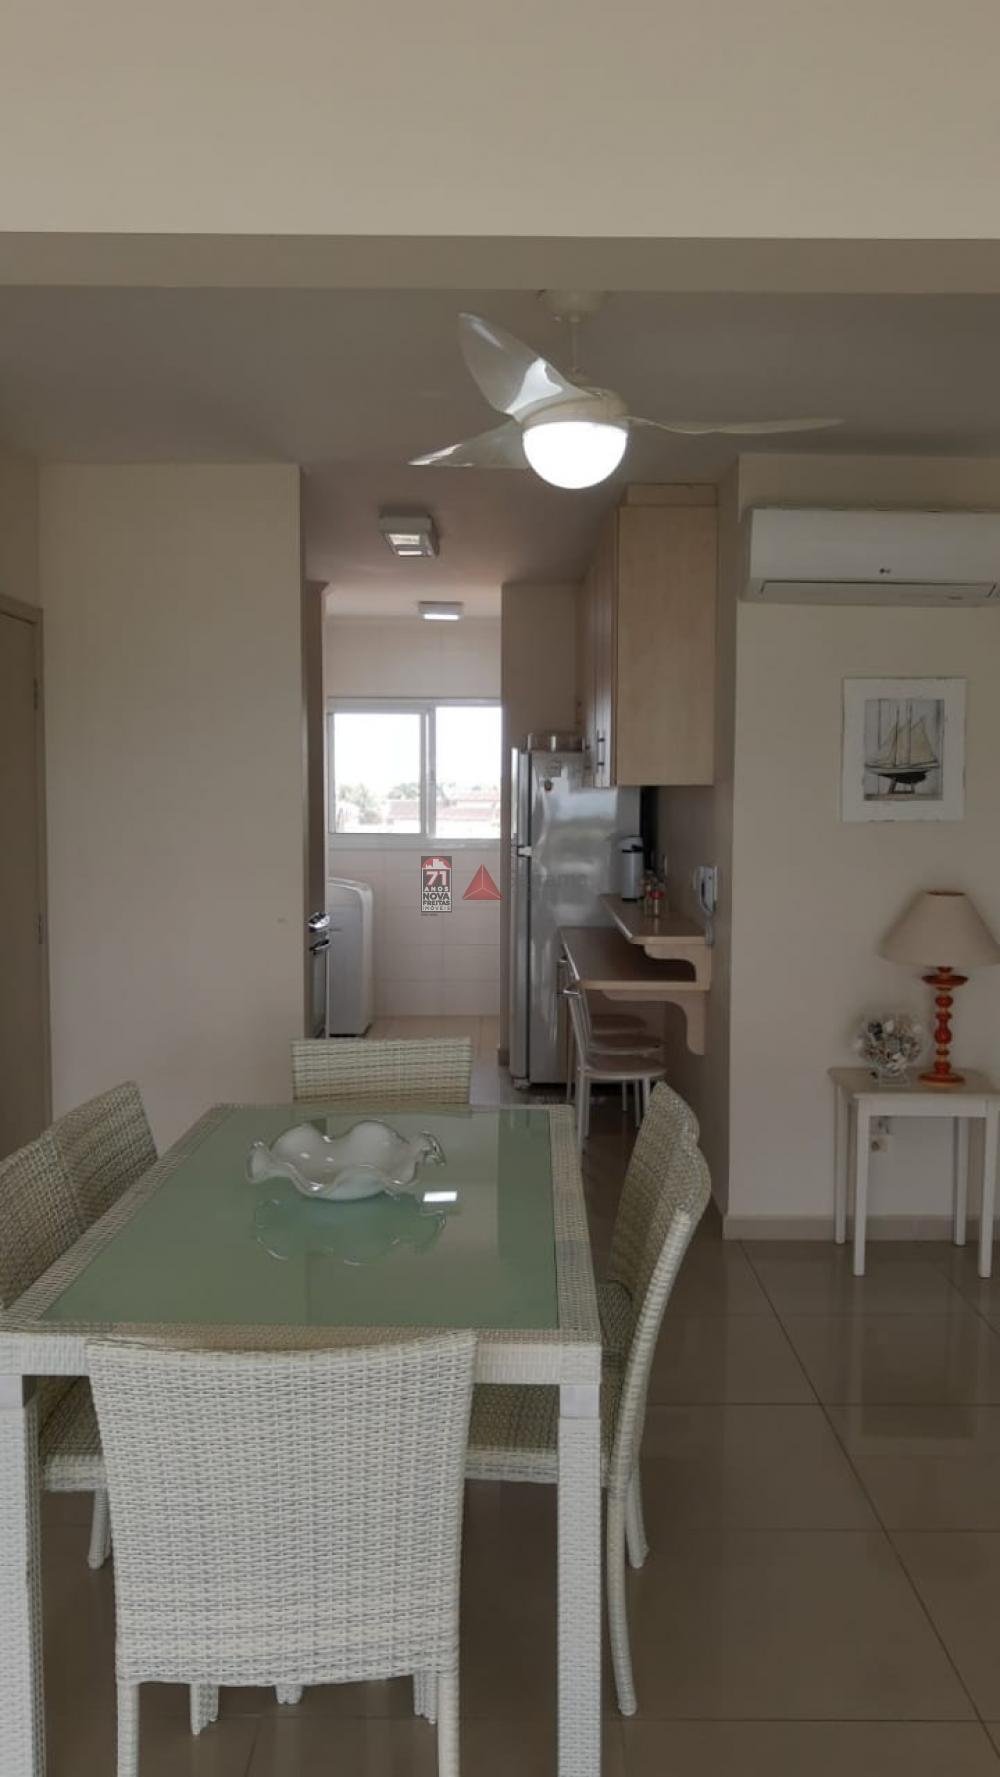 Comprar Apartamento / Padrão em Caraguatatuba apenas R$ 950.000,00 - Foto 8